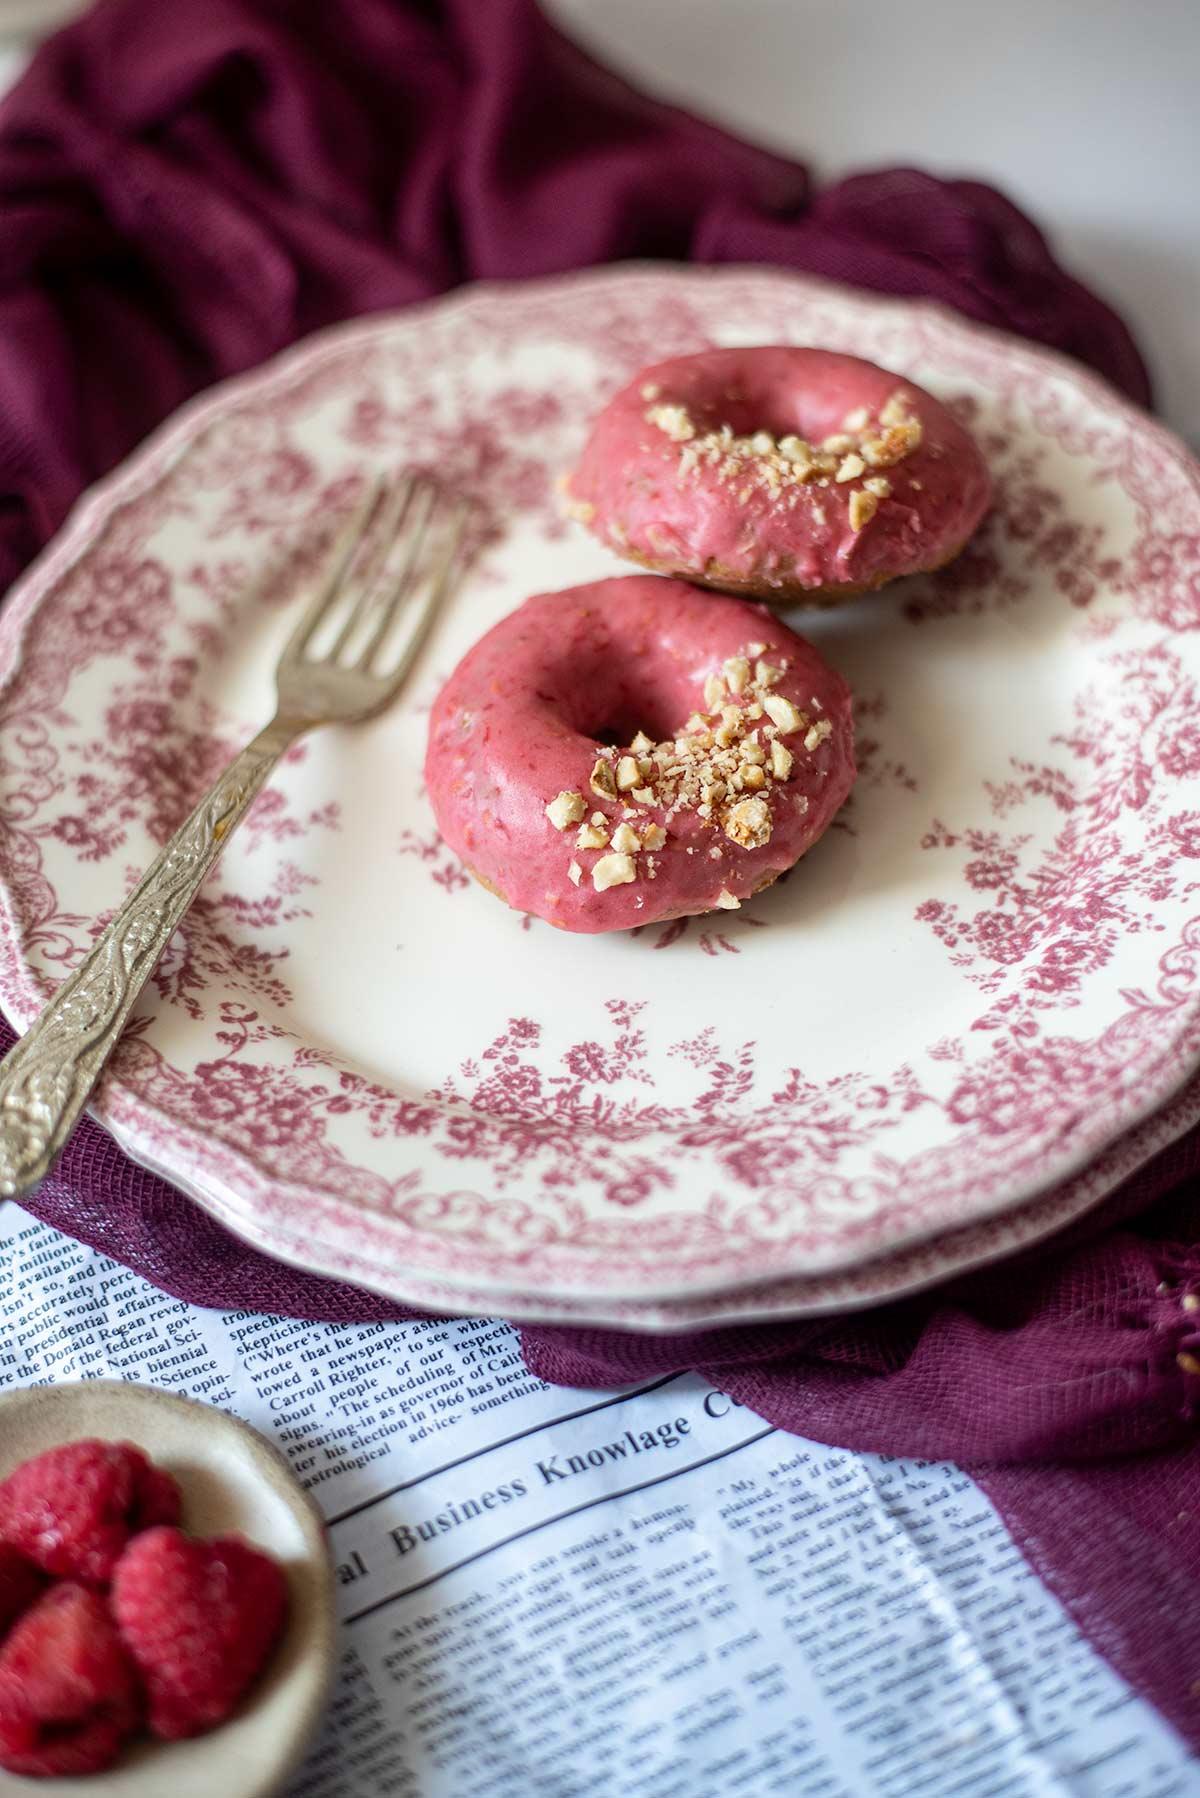 νηστίσιμα donuts, ντόνατς, φούρνο, ψητά, φουντούκι